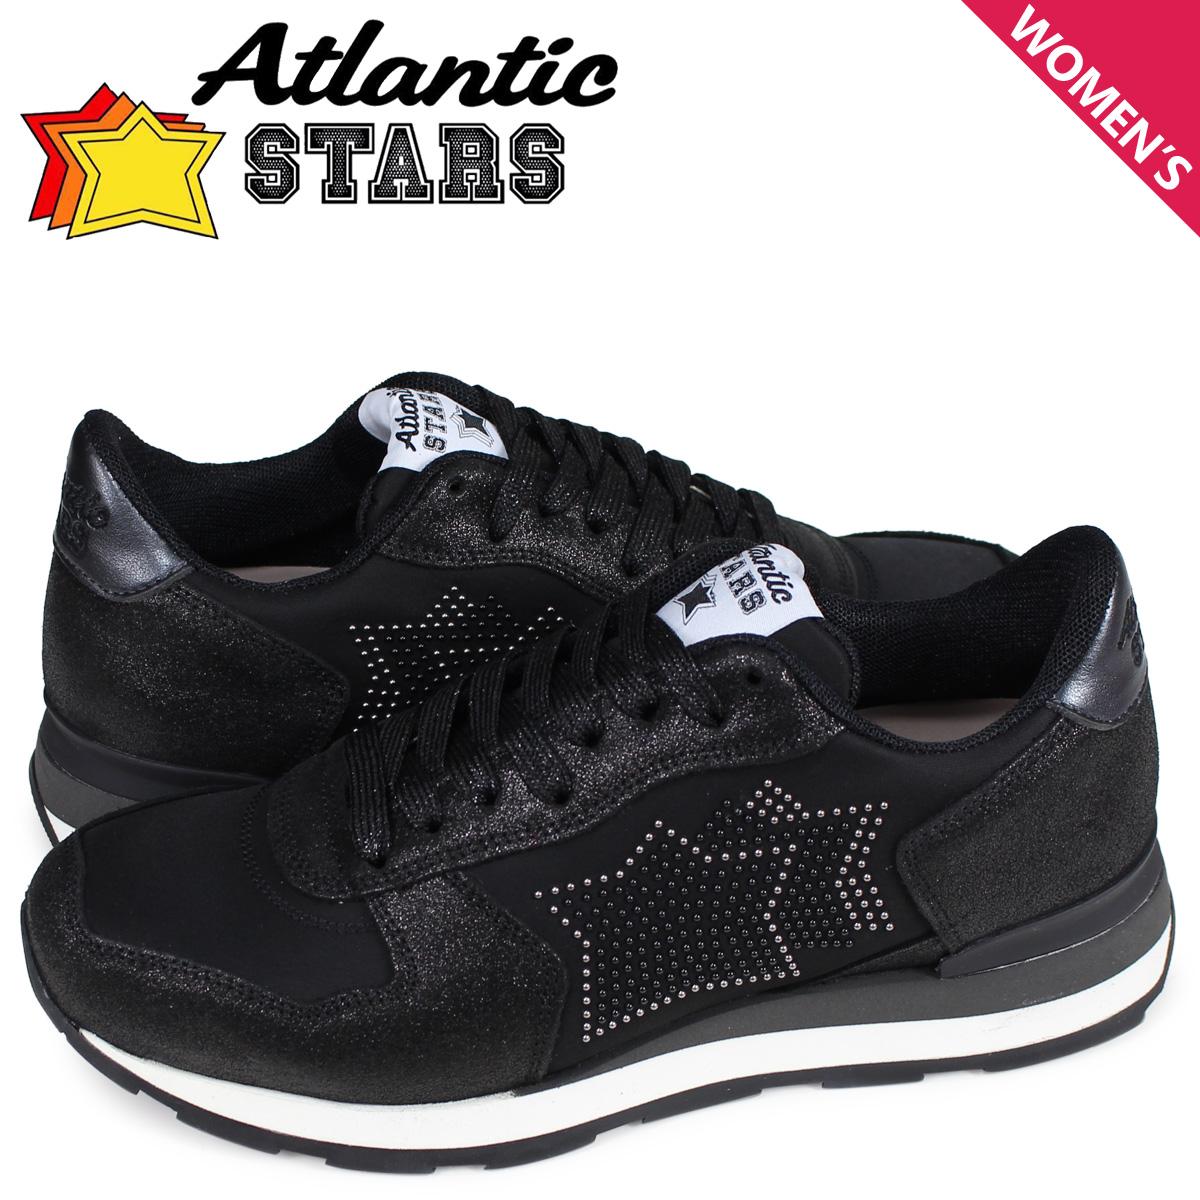 アトランティックスターズ Atlantic STARS ベガ スニーカー レディース VEGA ブラック 黒 BO1-81N